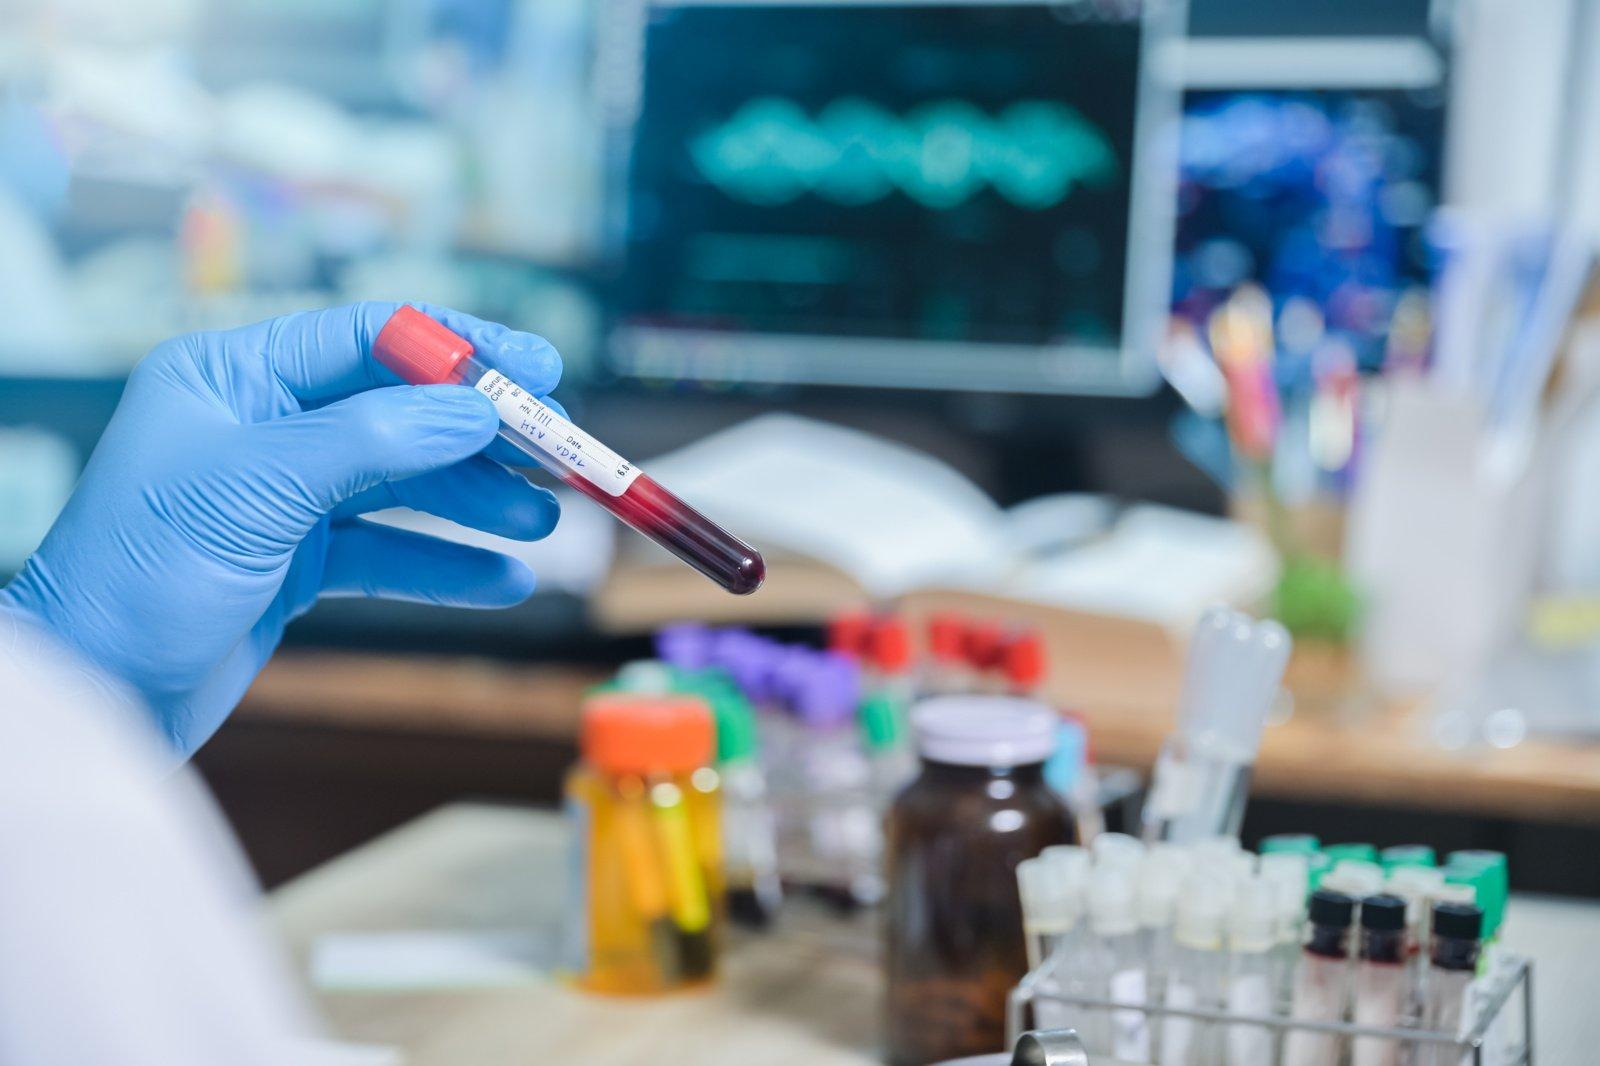 Kelmėje nustatyta 12 naujų COVID-19 atvejų – virusas įsisuko į Kelmės ligoninę